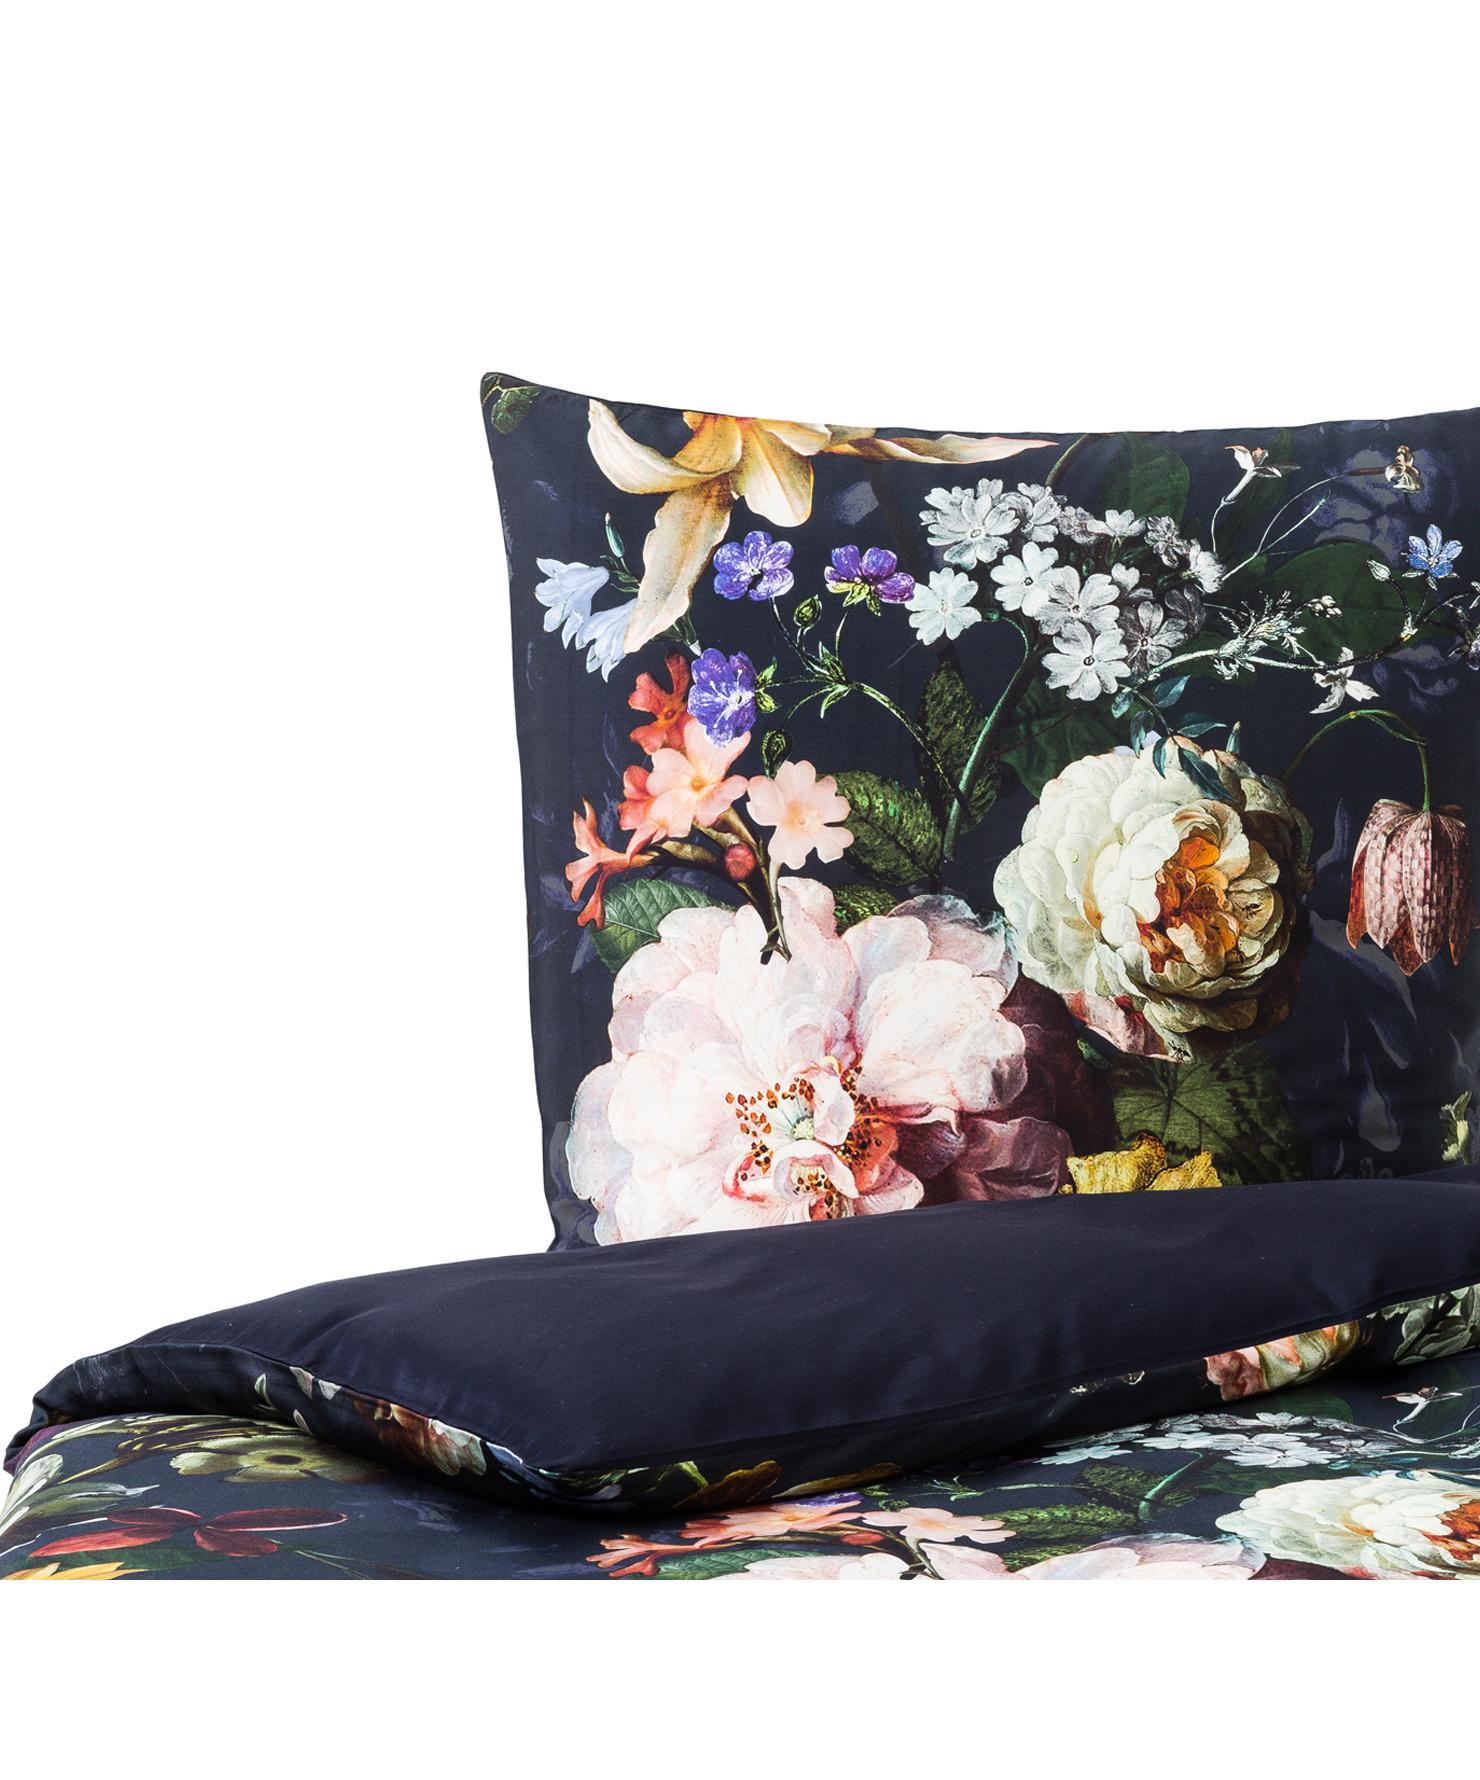 Baumwollsatin-Bettwäsche Fleur mit Blumen-Muster, Webart: Satin Fadendichte 209 TC,, Vorderseite: Nachtblau, Weiss, GelbRückseite: Nachtblau, 135 x 200 cm + 1 Kissen 80 x 80 cm